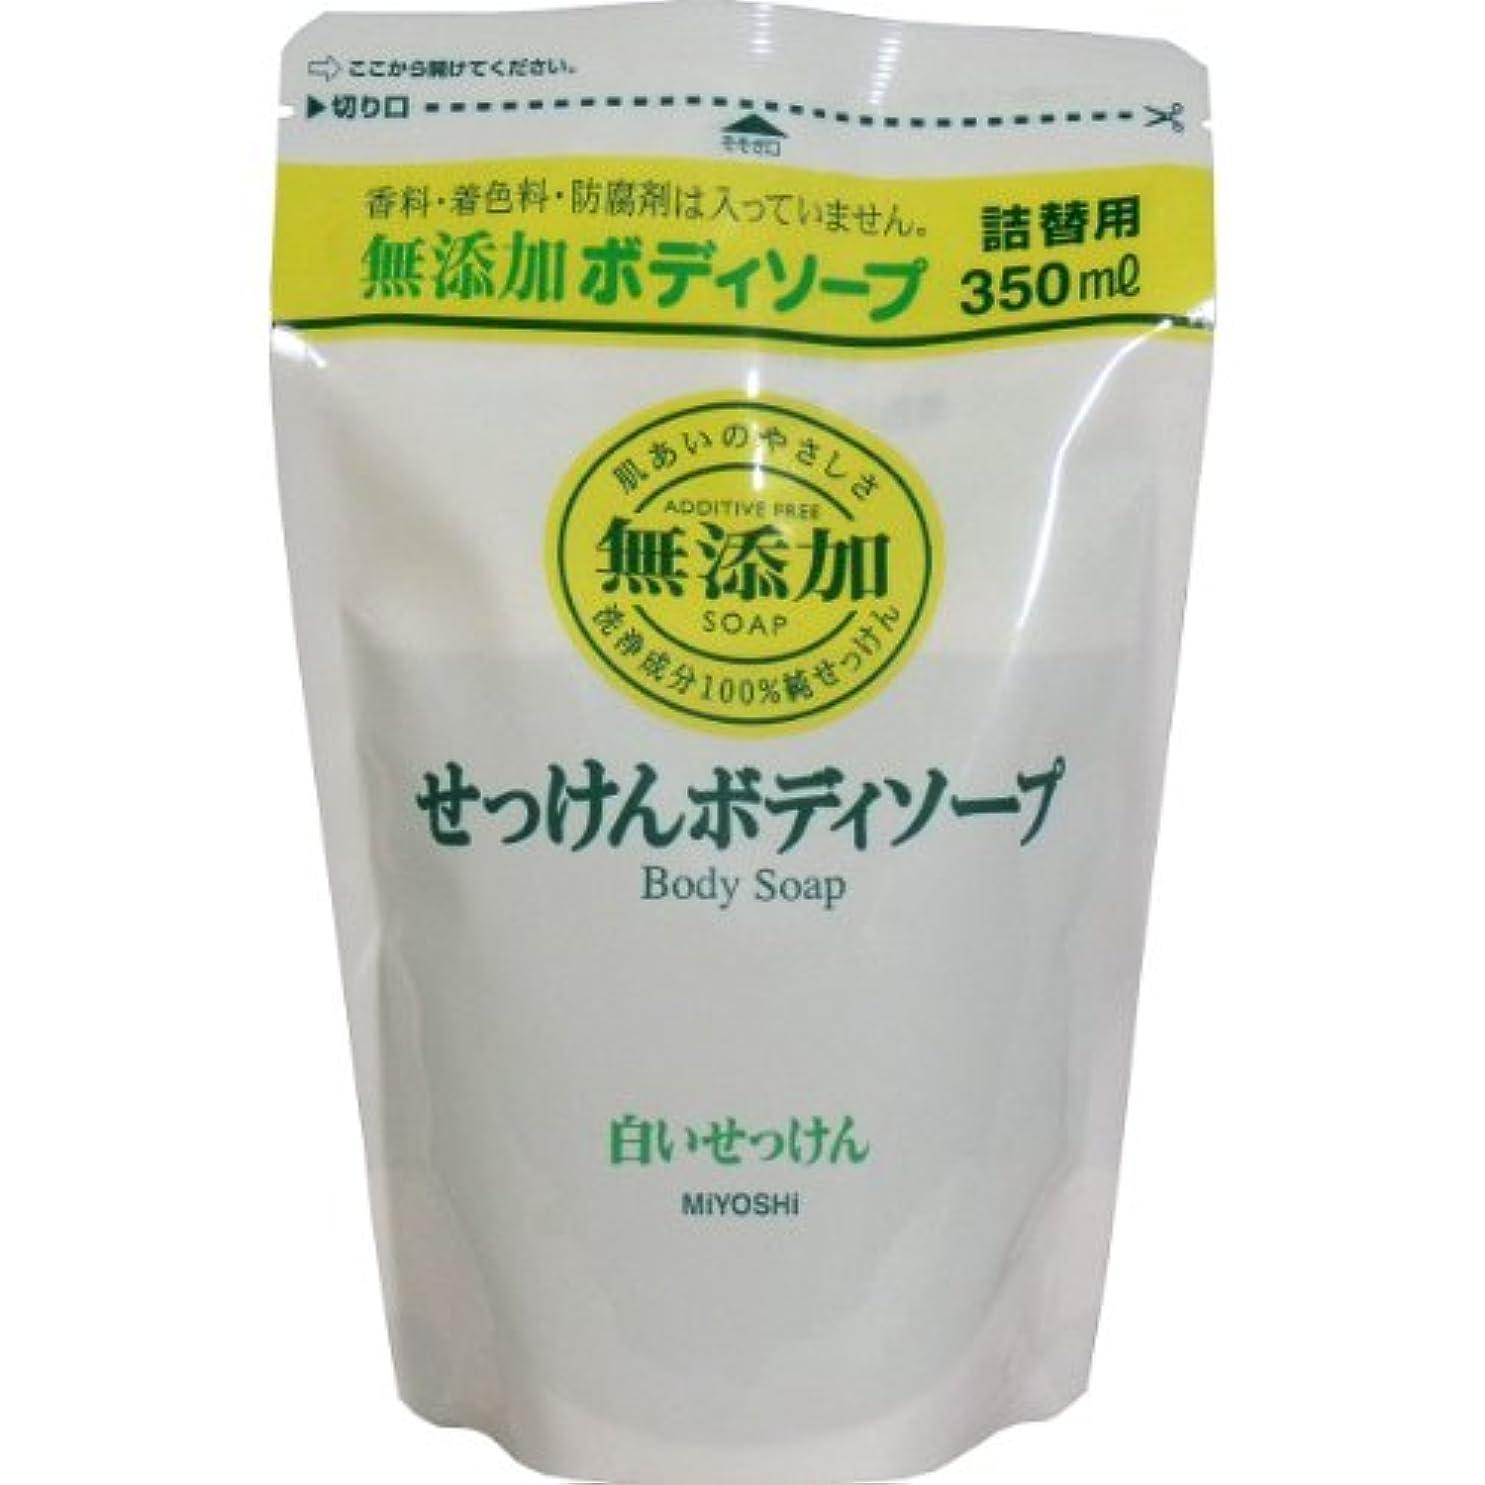 ポーン従者医療の無添加 ボディソープ 白い石けん つめかえ用 350ml(無添加石鹸) 7セット